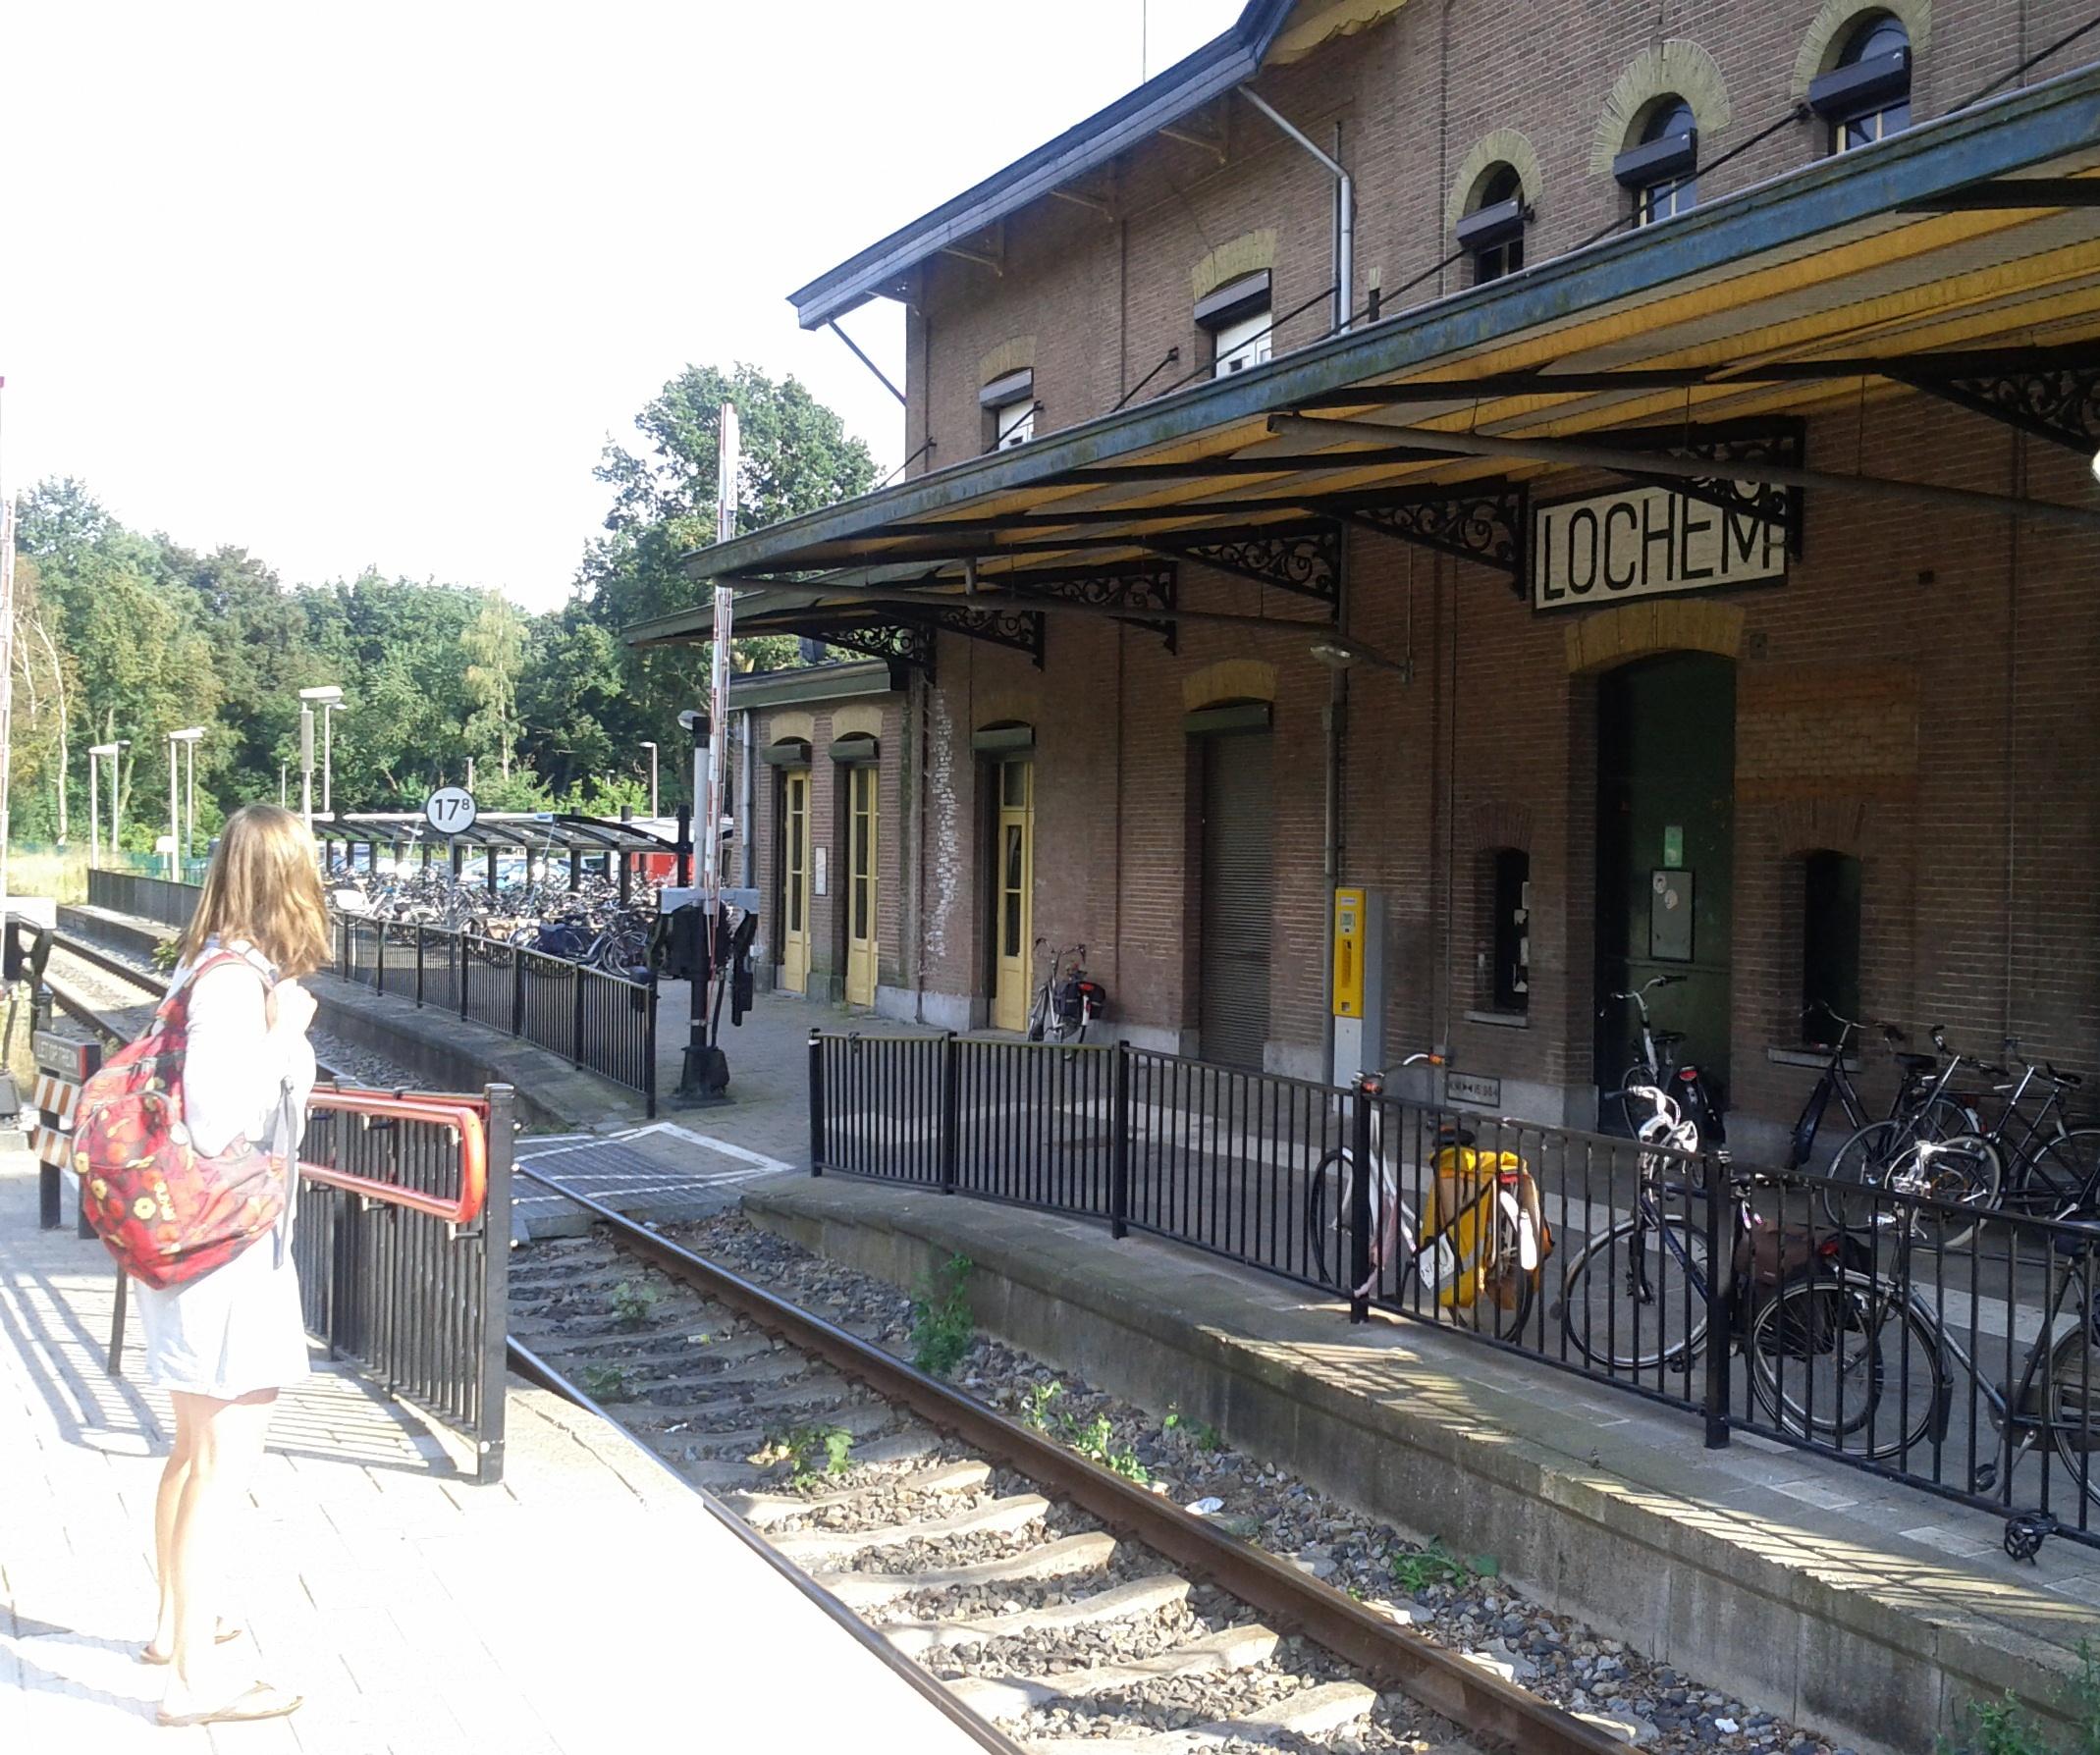 Station Lochem 2013